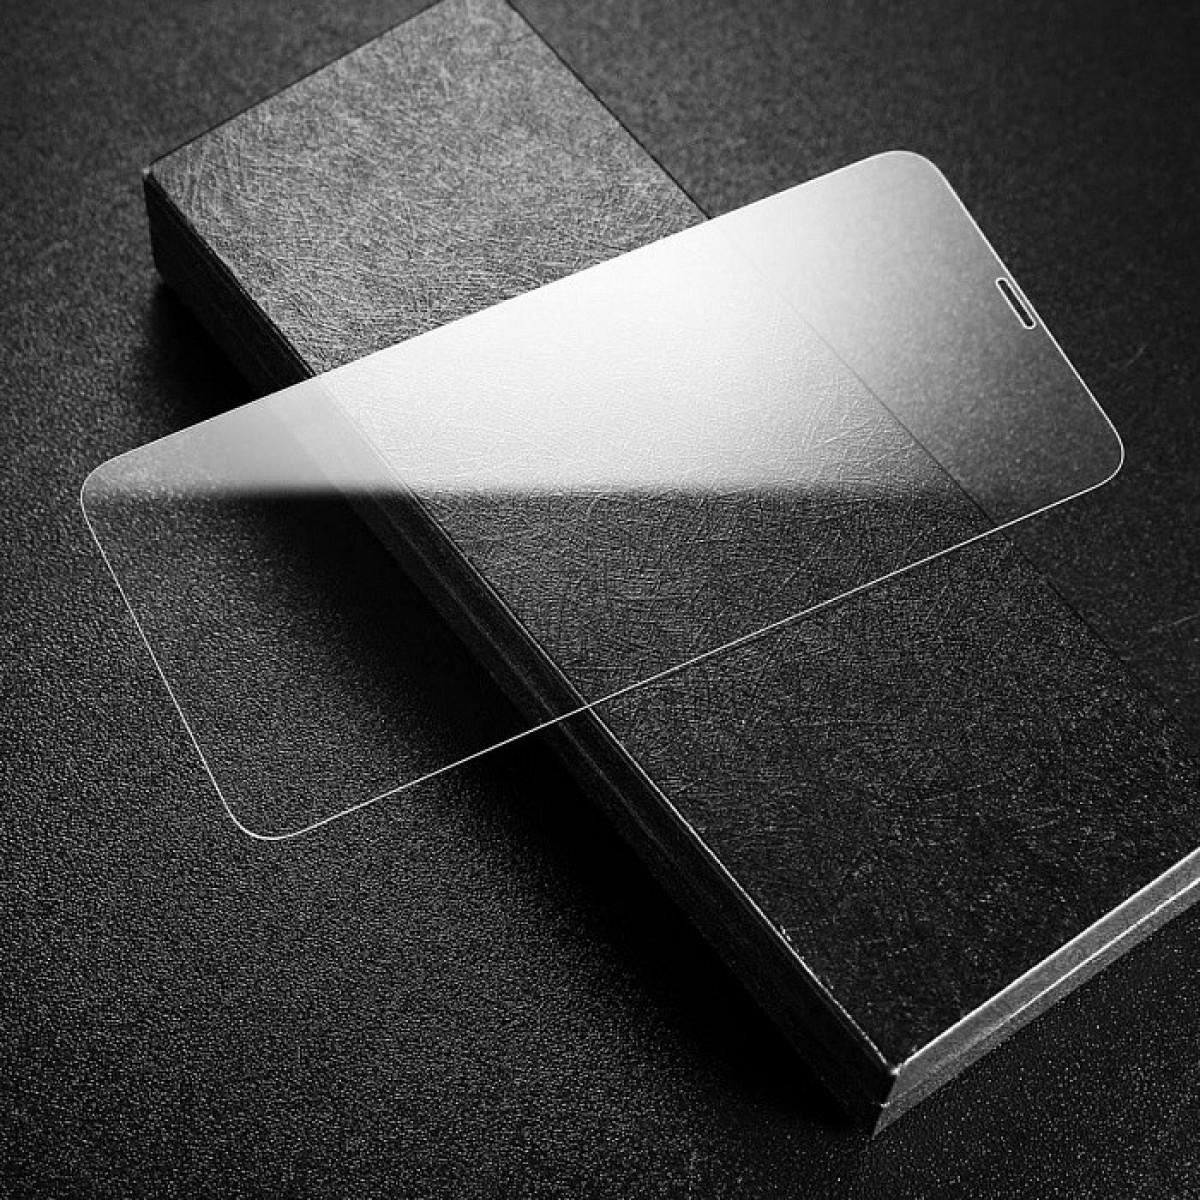 Защитное стекло Baseus на Айфон 11/ Айфон Xr прозрачное